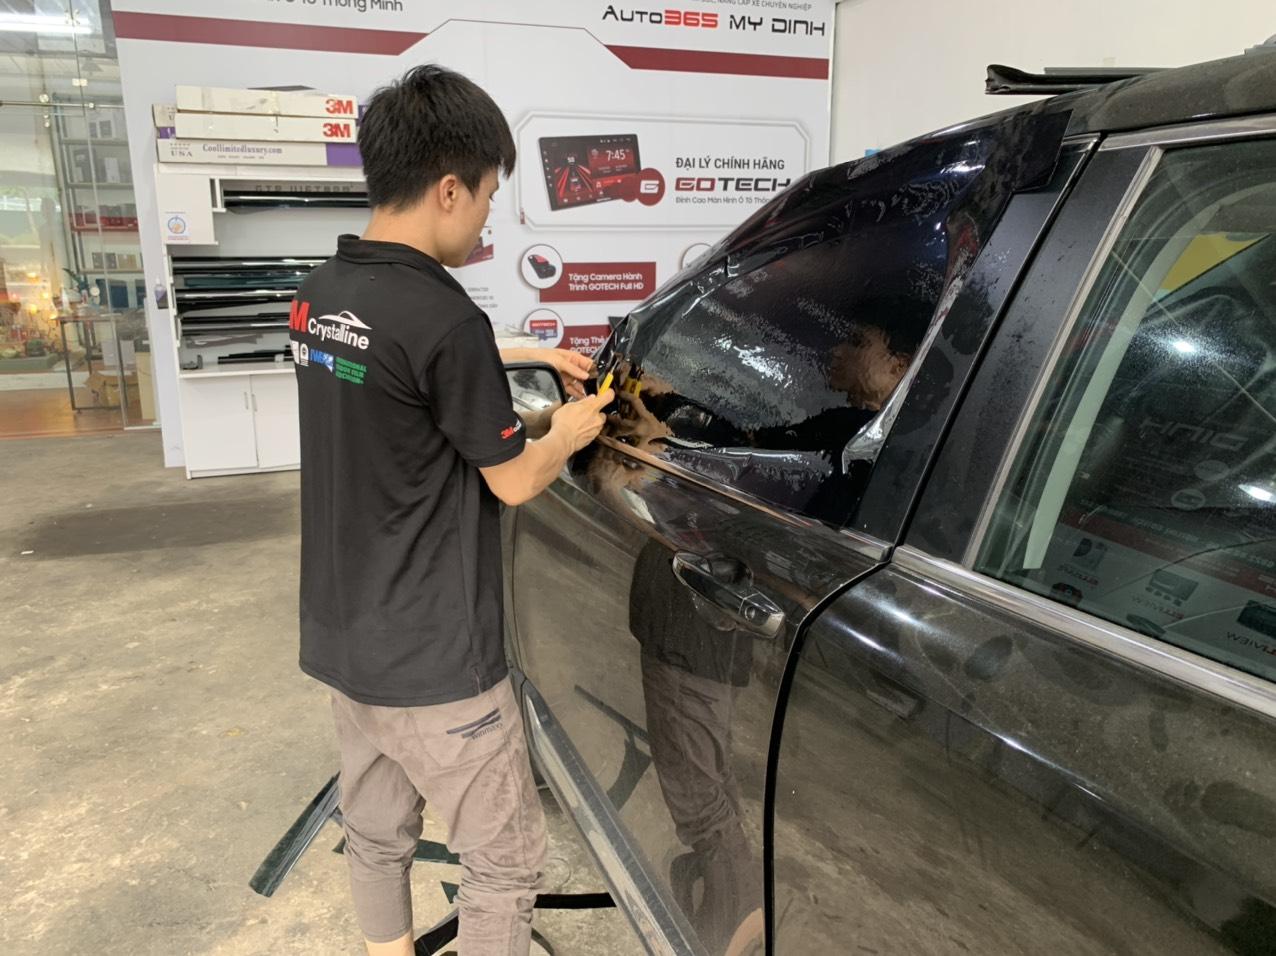 Kỹ thuật viên của Auto365 Mỹ Đình tiến hành dán kính lại cho khách hàng